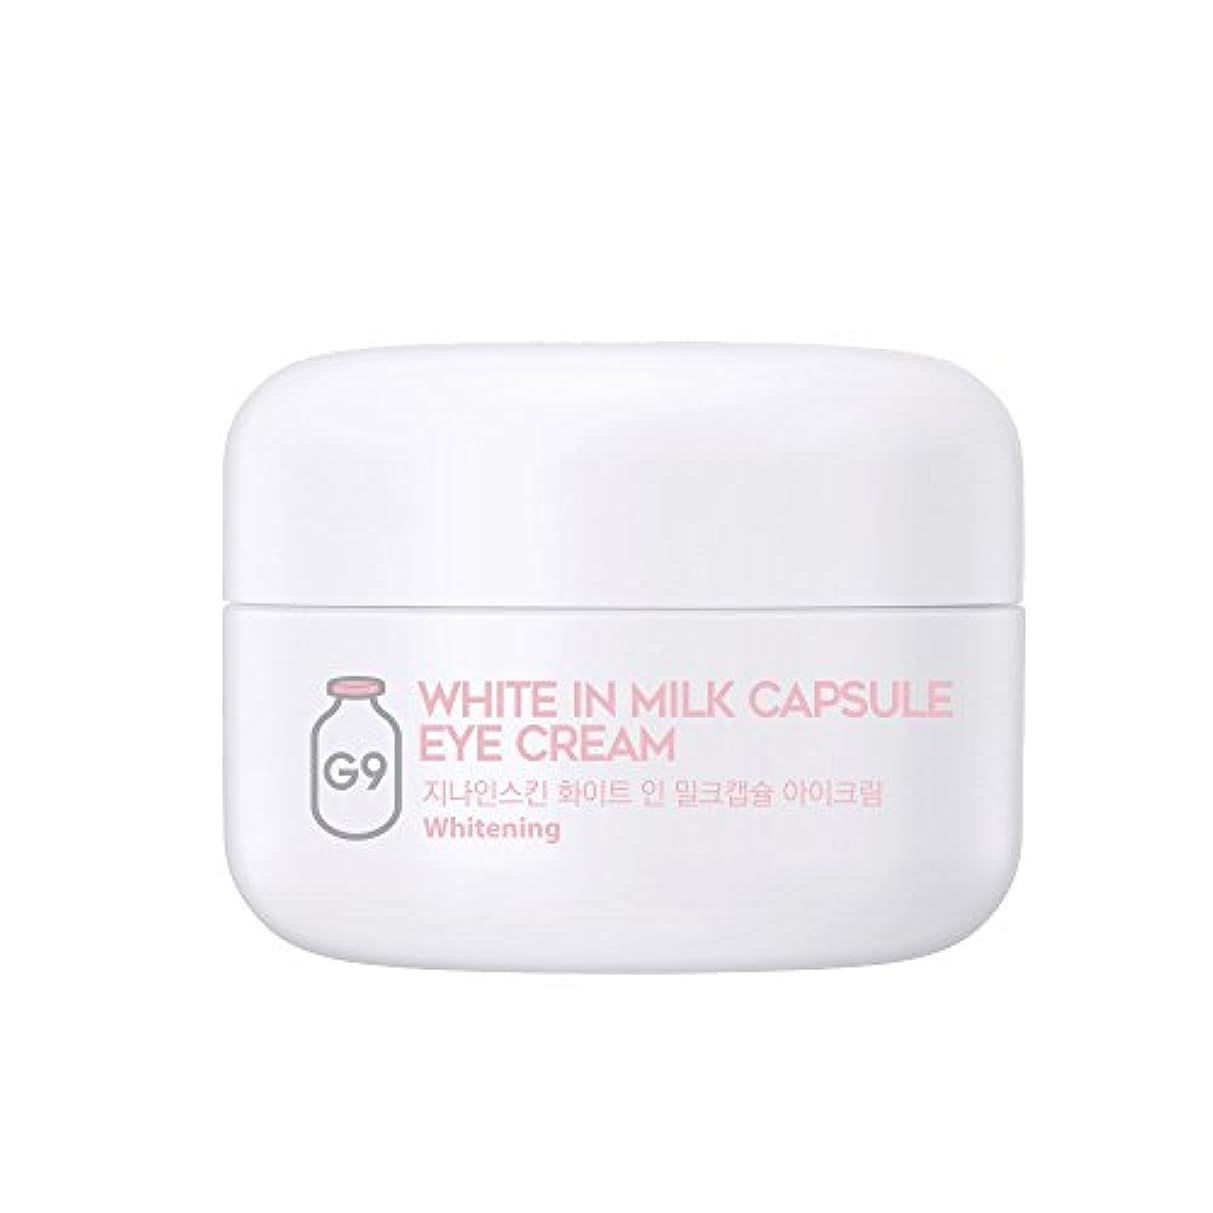 遠足スラッシュ実験的G9SKIN(ベリサム) White In Milk Capsule Eye Cream ホワイトインミルクカプセルアイクリーム 30g